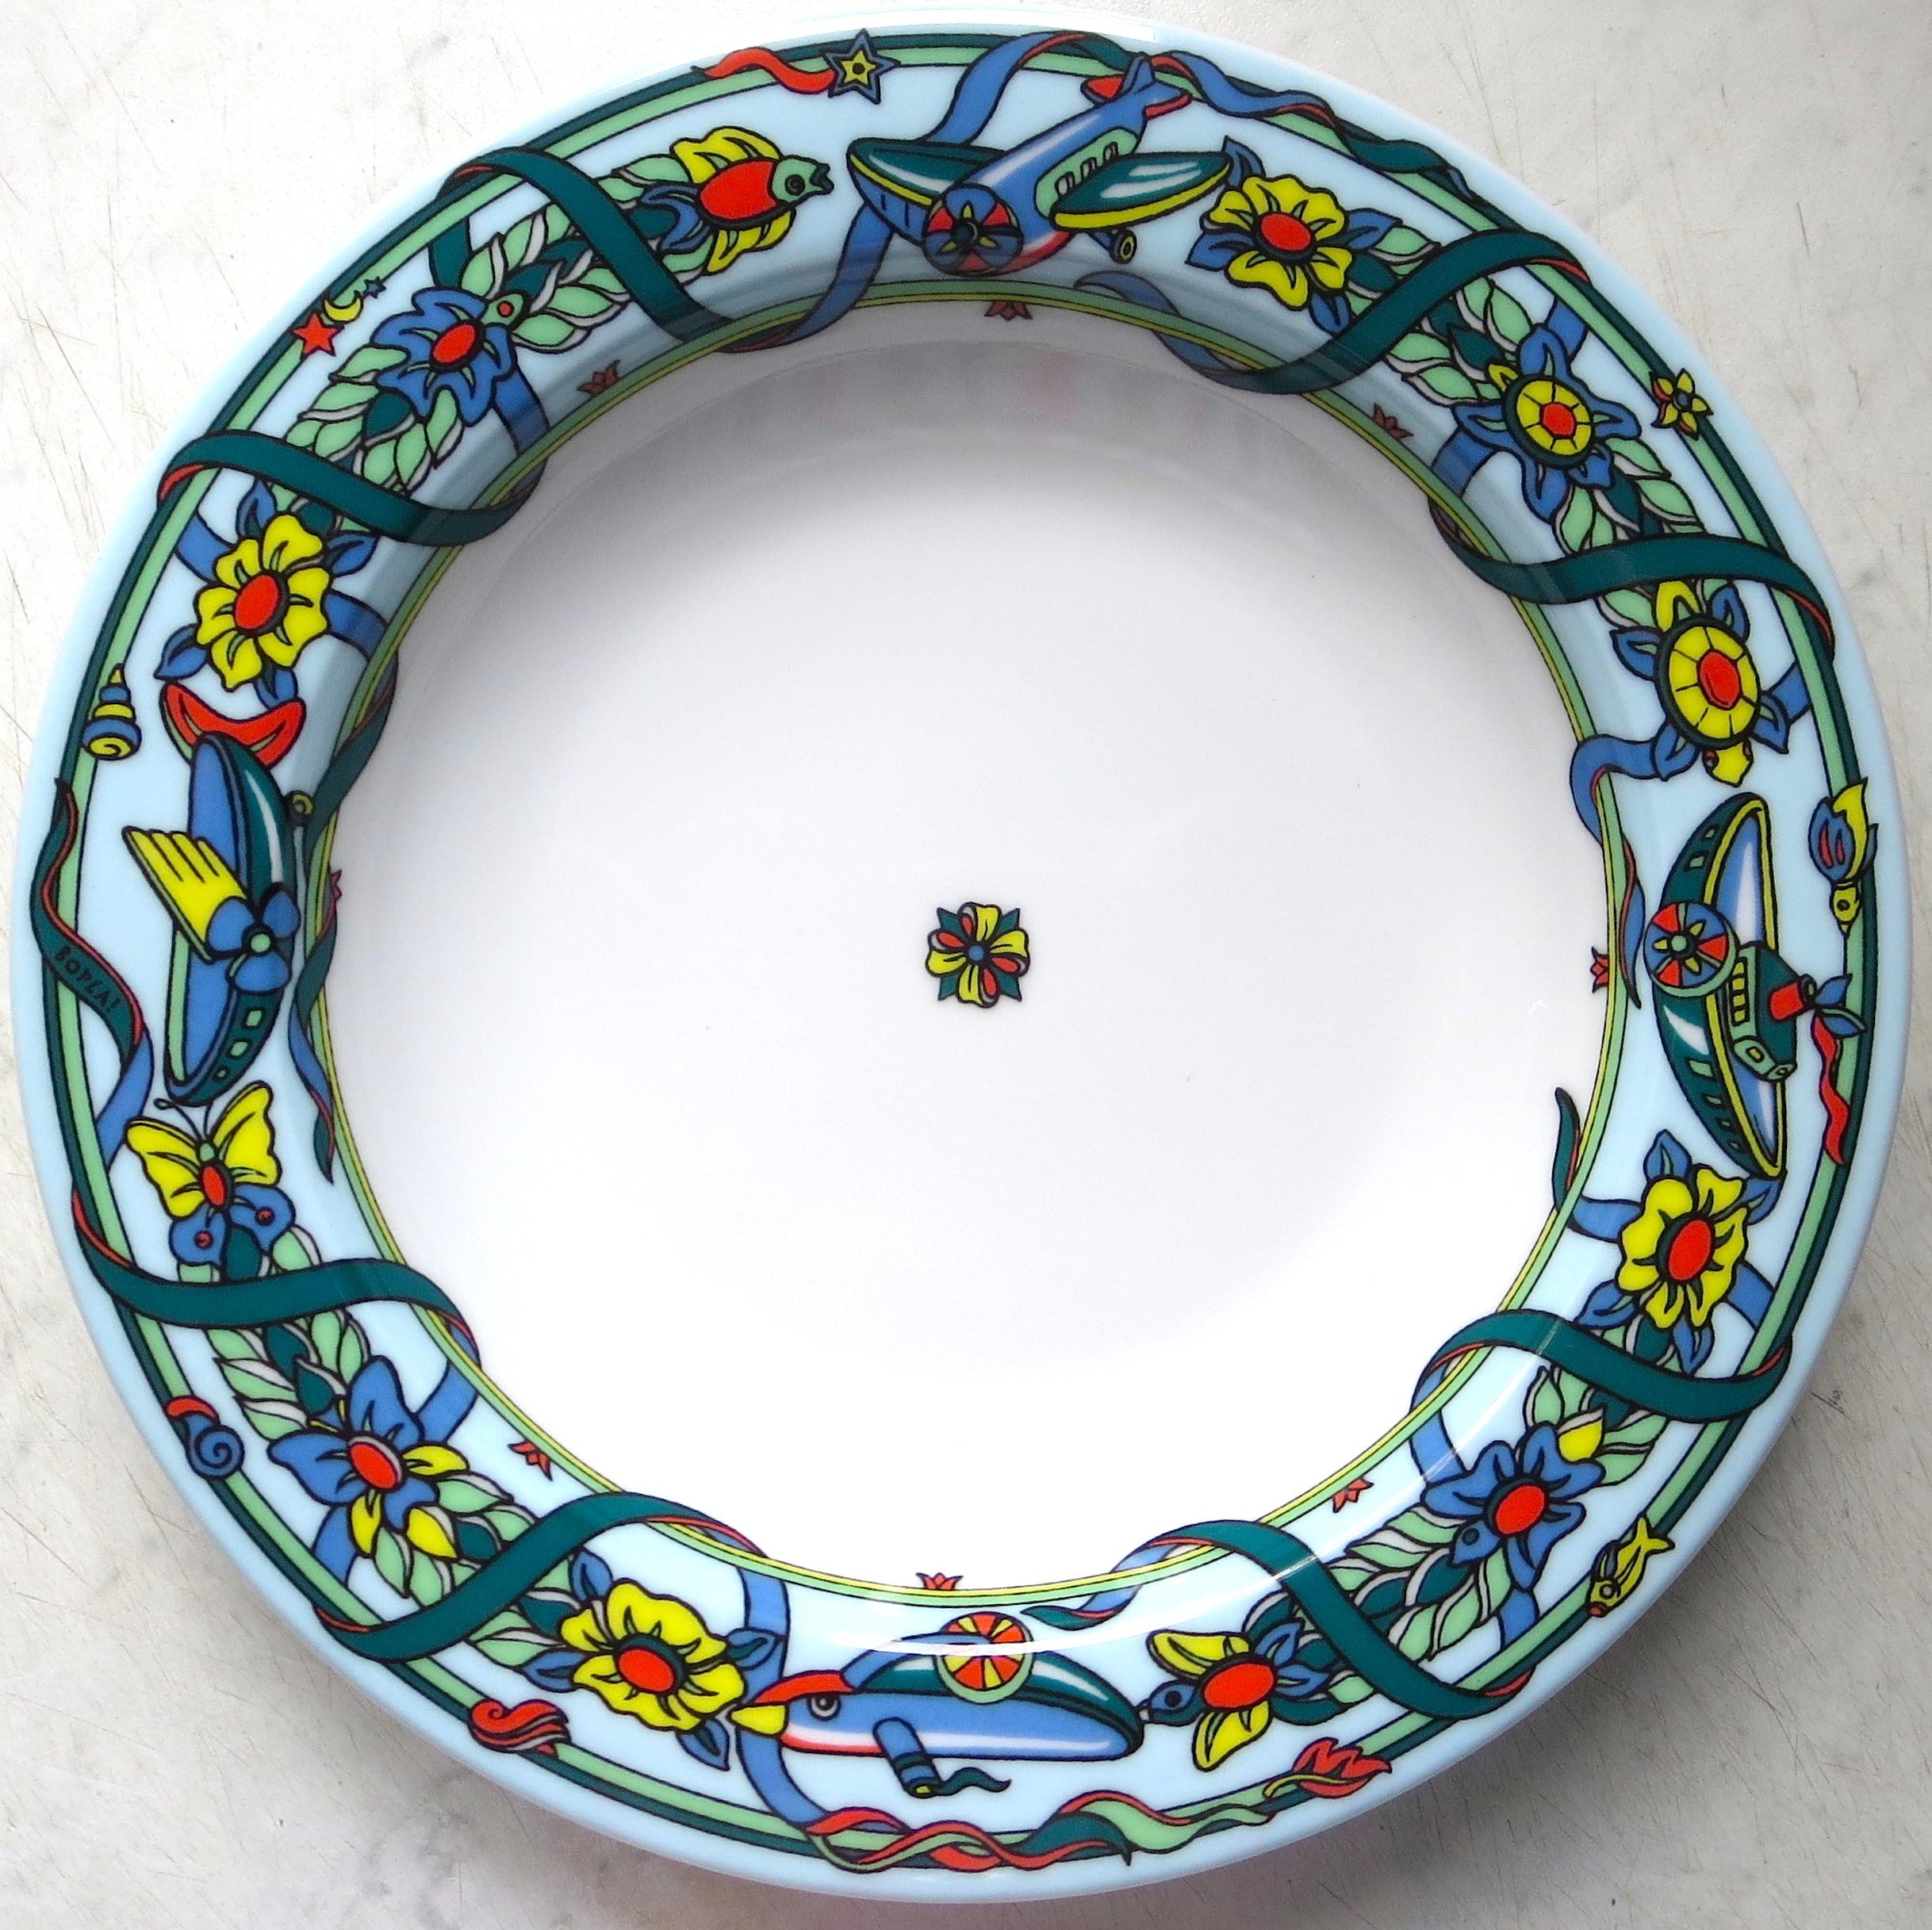 Guirlande-BOPLA-Plato-de-Sopa-De-Porcelana-Placa-  sc 1 st  eBay & Guirlande BOPLA Plato de Sopa De Porcelana Placa Placa | eBay